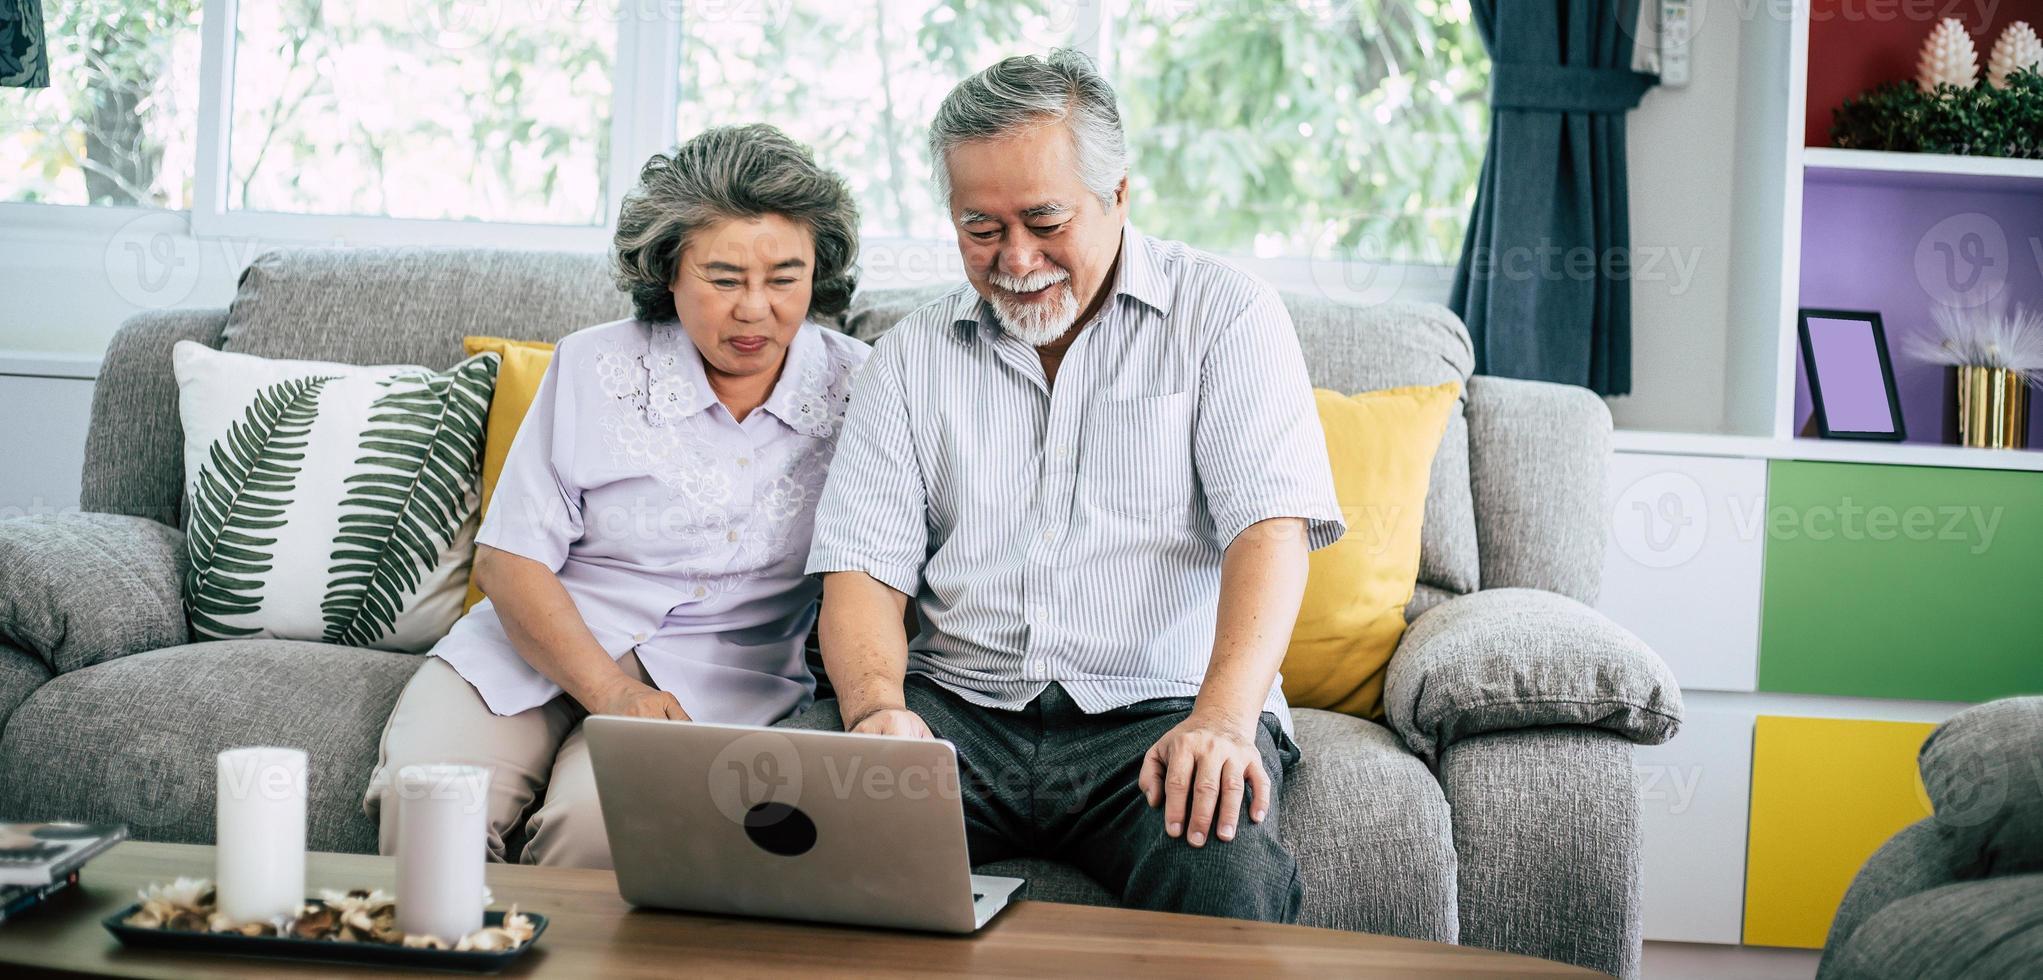 coppia senior parlando e utilizzando il computer portatile foto